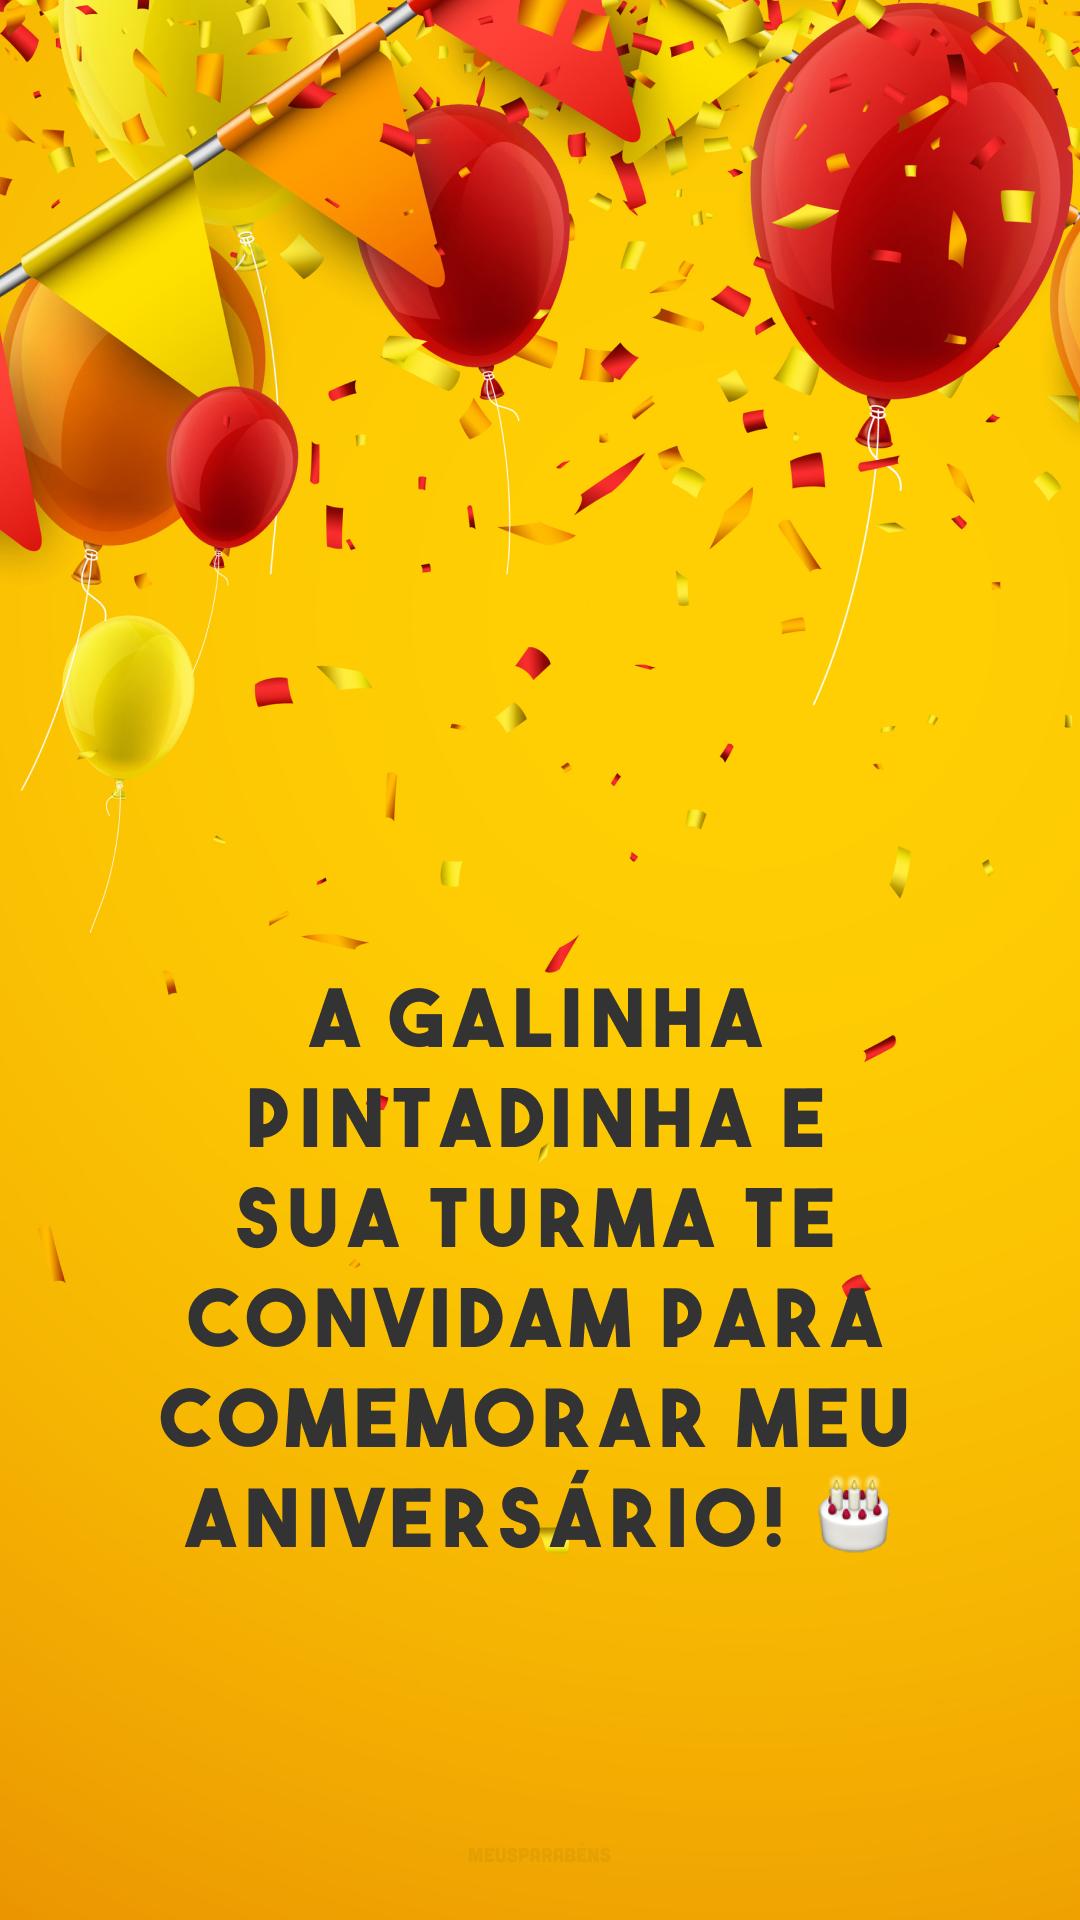 A Galinha Pintadinha e sua turma te convidam para comemorar meu aniversário! 🎂